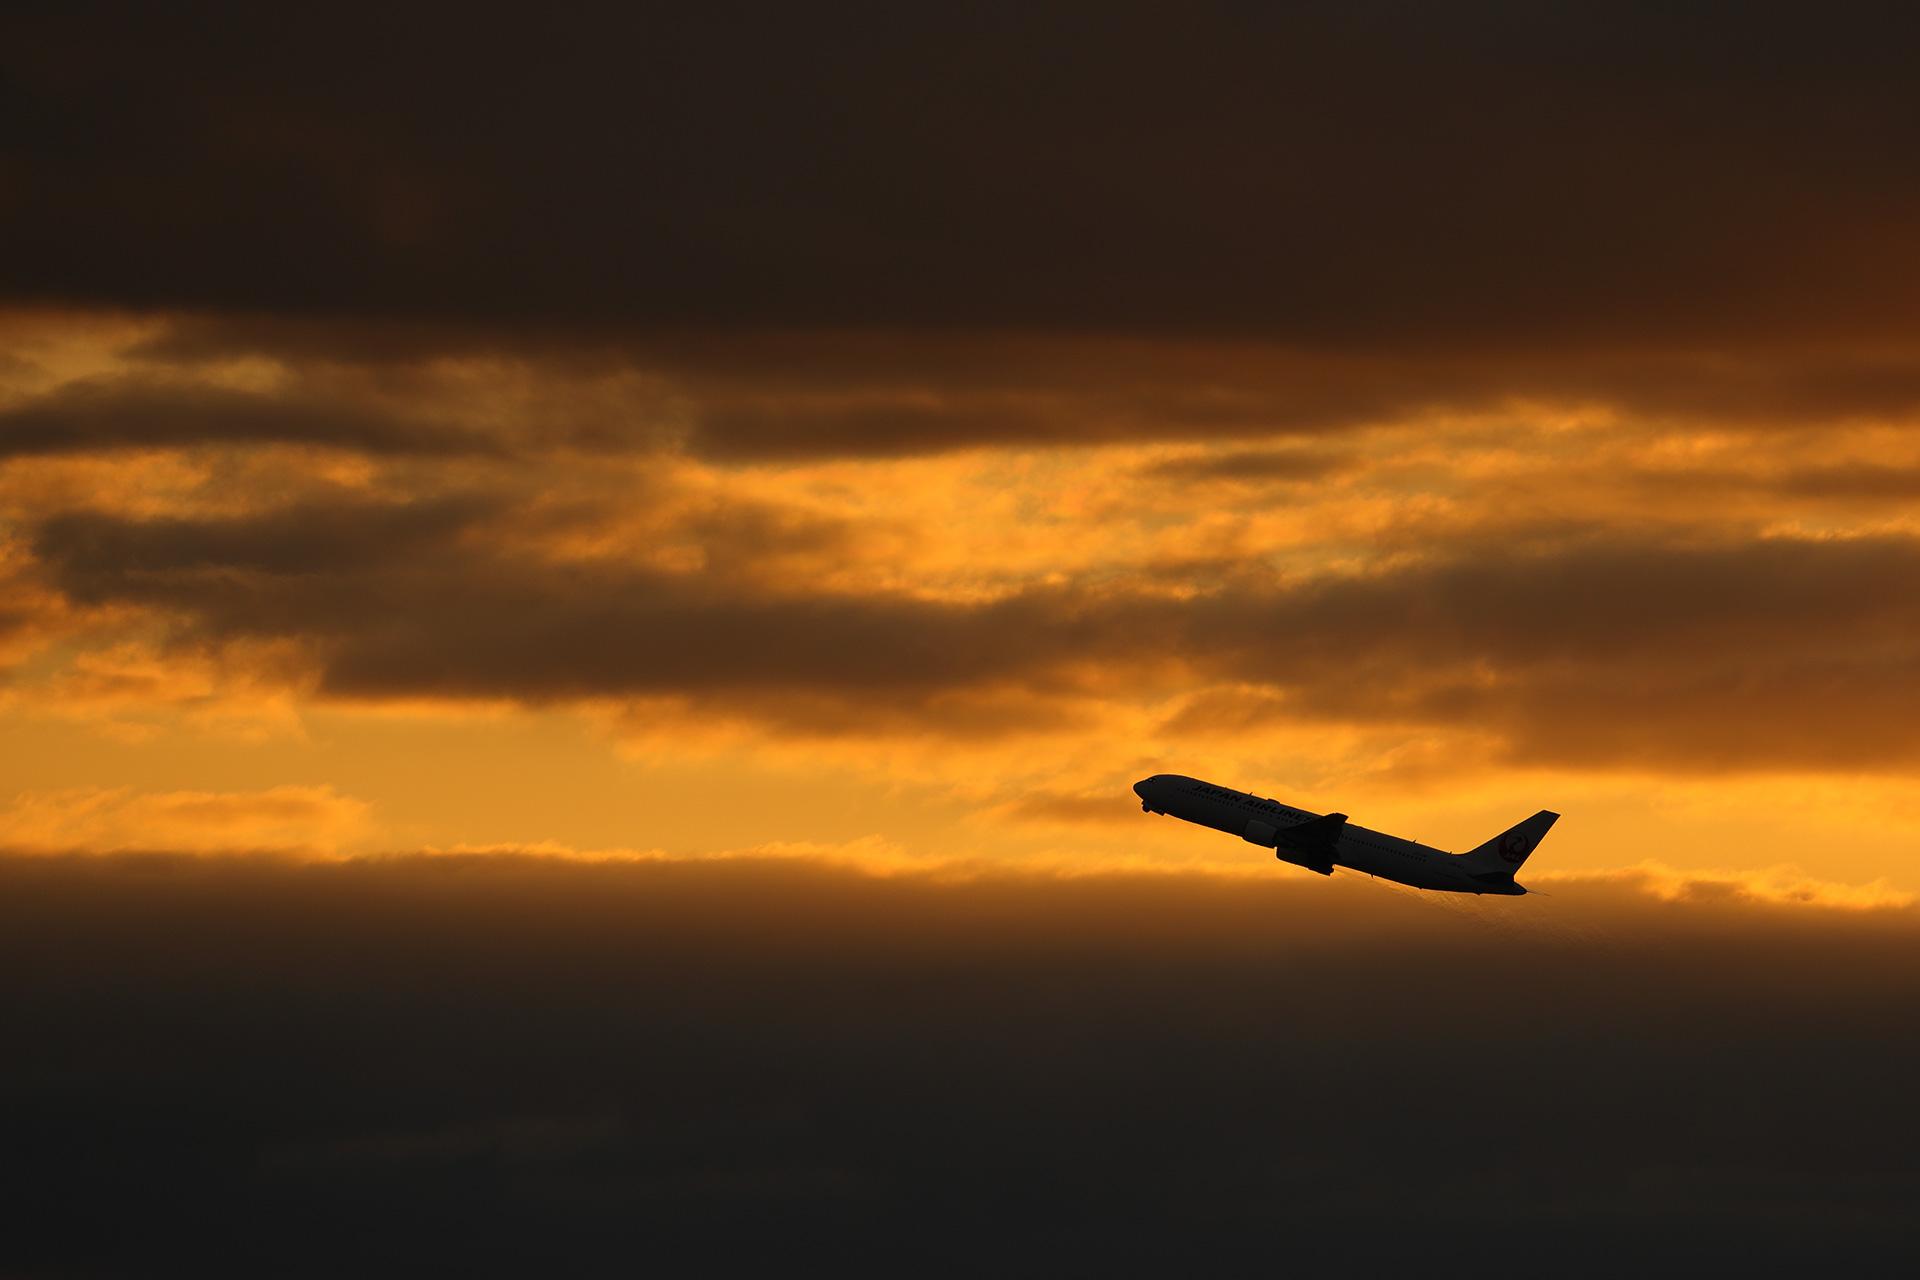 羽田空港初日の出飛行機